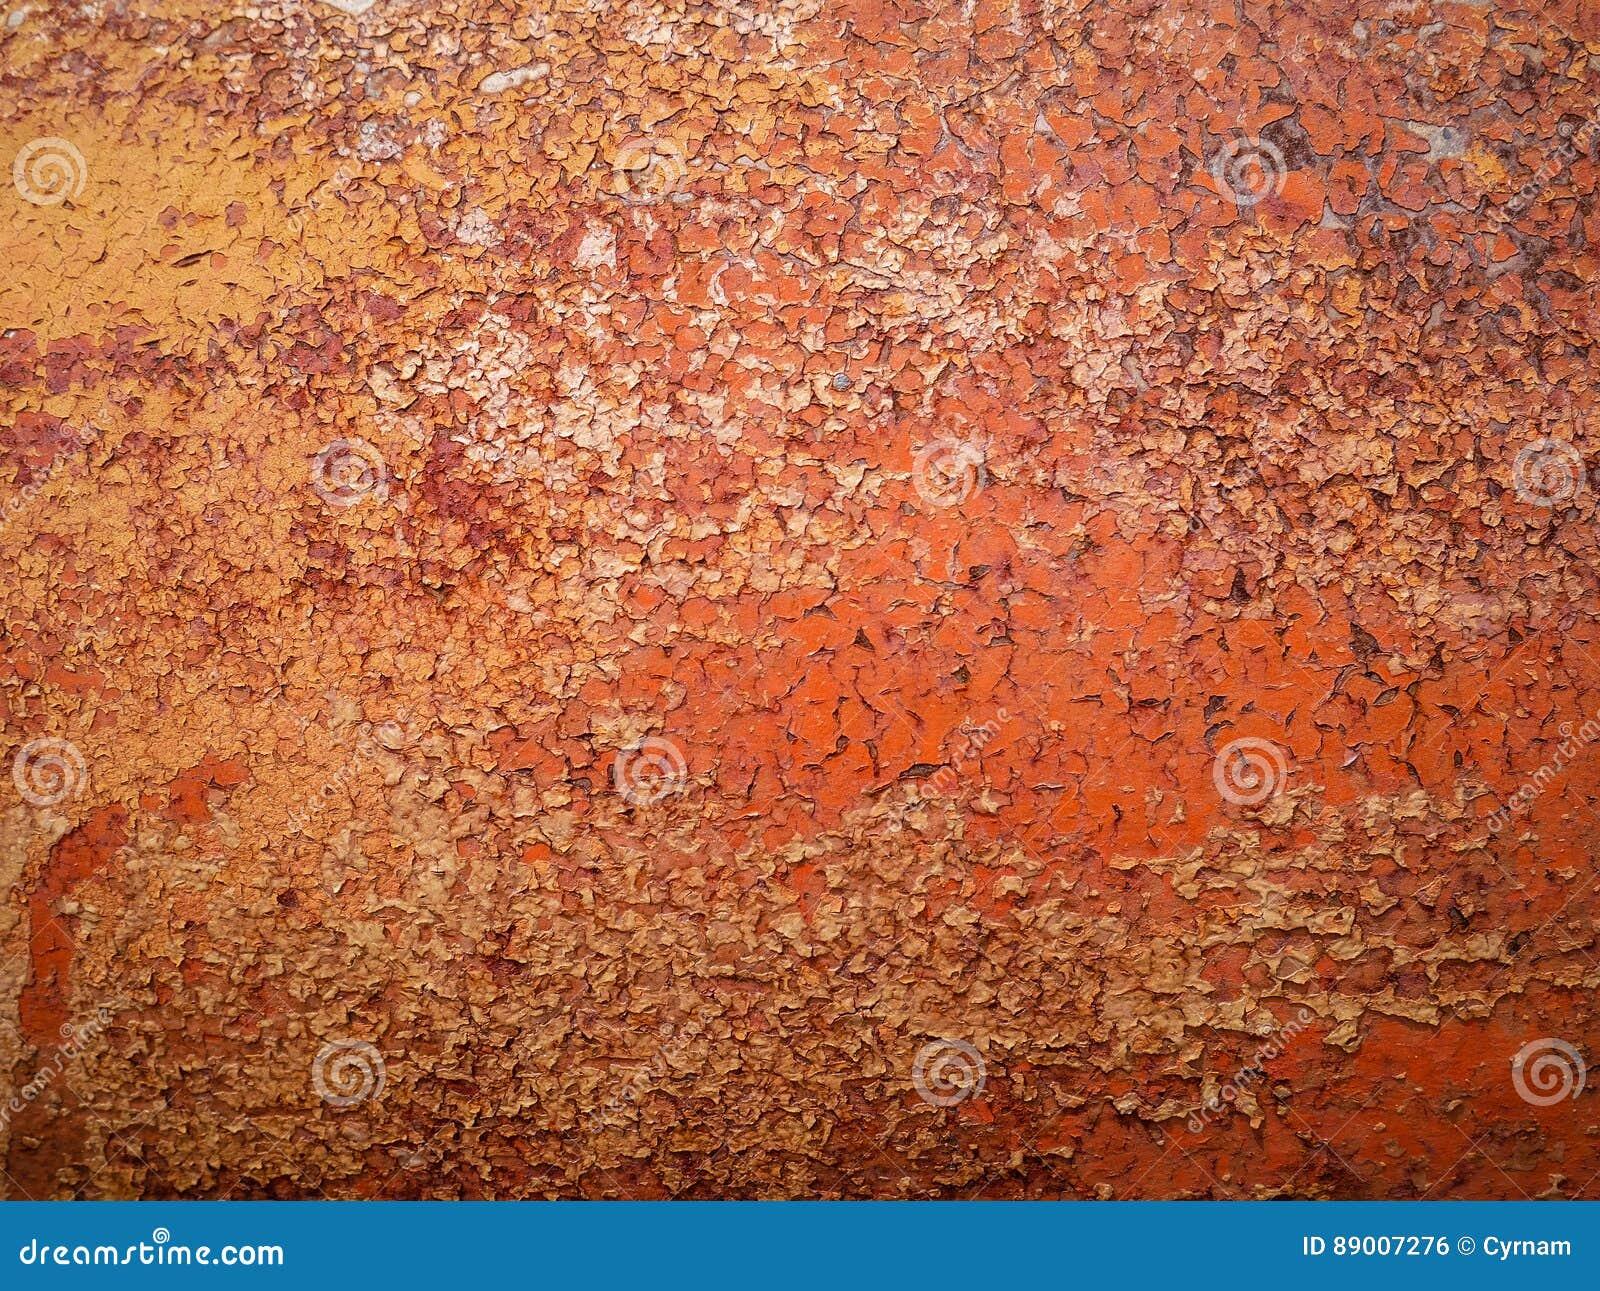 Detalle y ciérrese para arriba de moho en el metal del coche con agrietarse, la presencia de moho y la corrosión, fondo abstracto